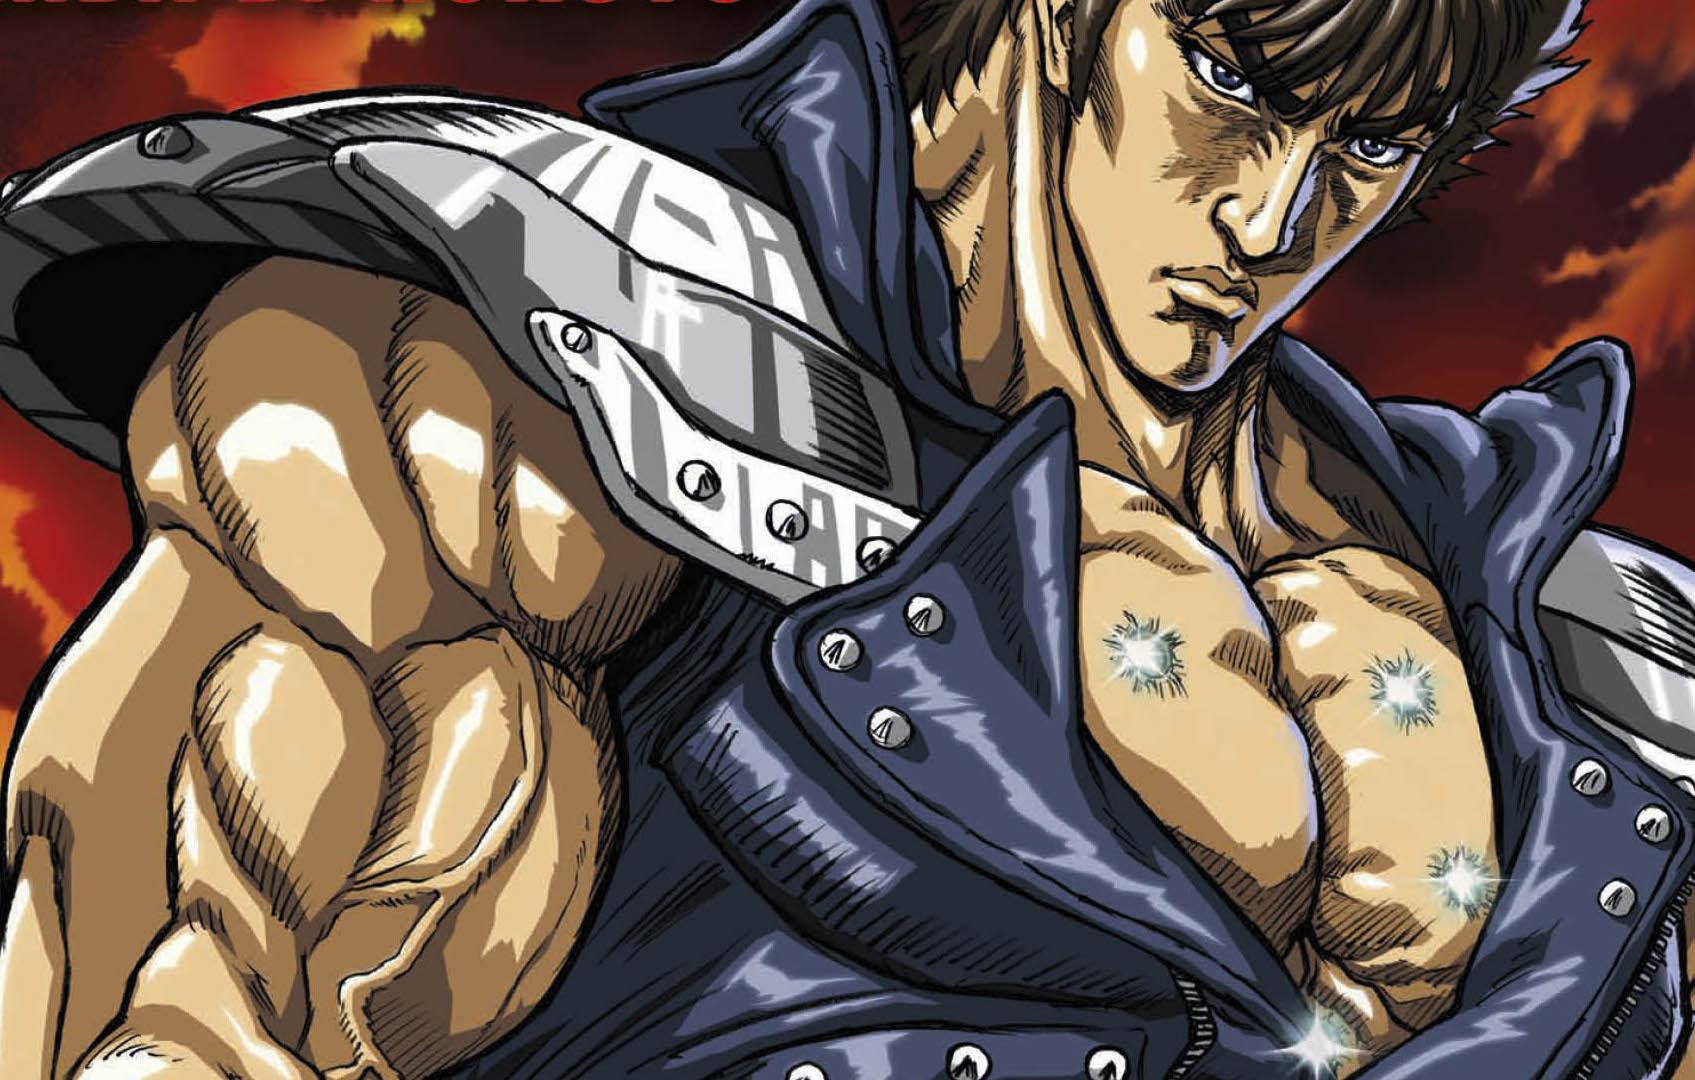 Ken il Guerriero: La Leggenda di Hokuto - La resistenza guidata da Shu